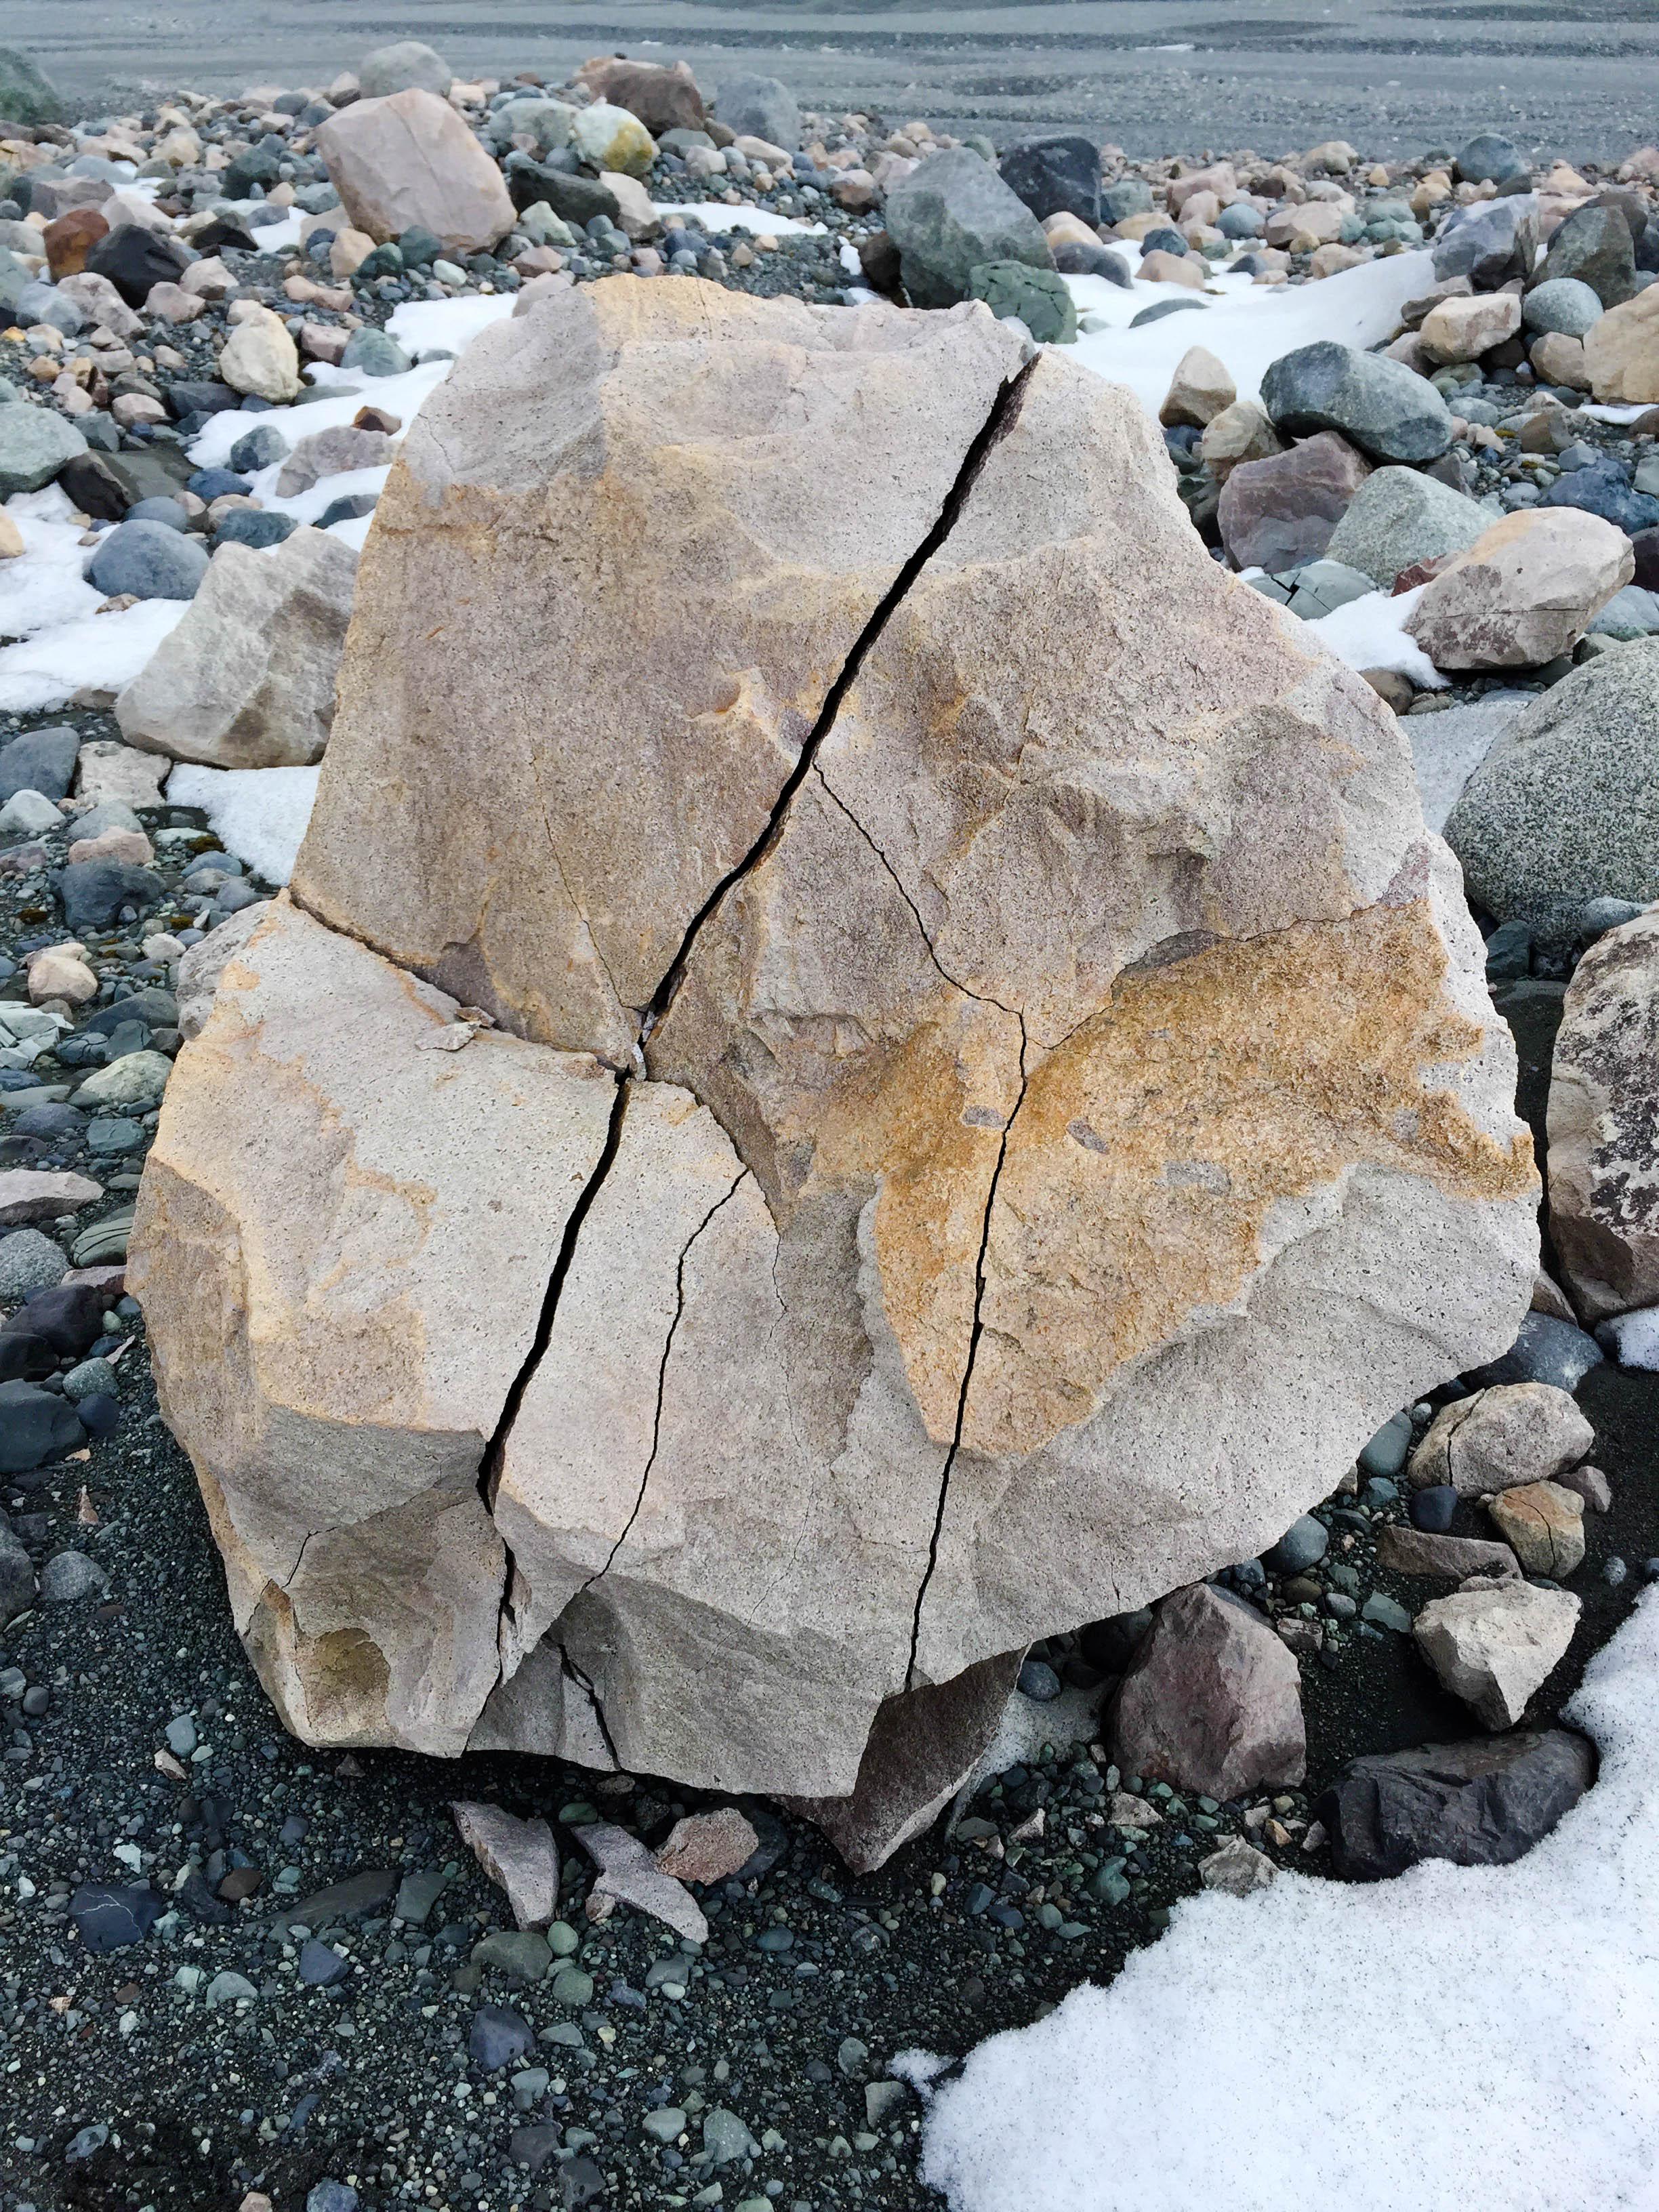 glacier_rock-14.jpg